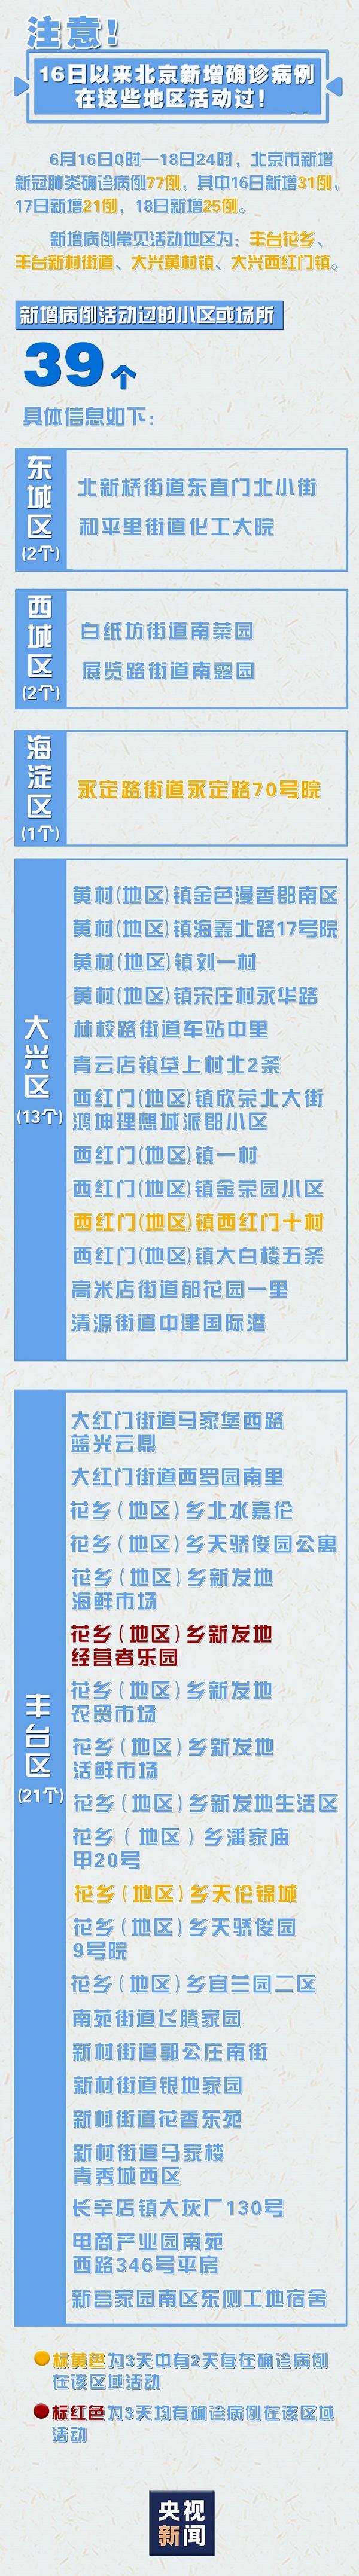 沈阳信息网:日沈阳信息网以来北京新增确诊病例在这图片